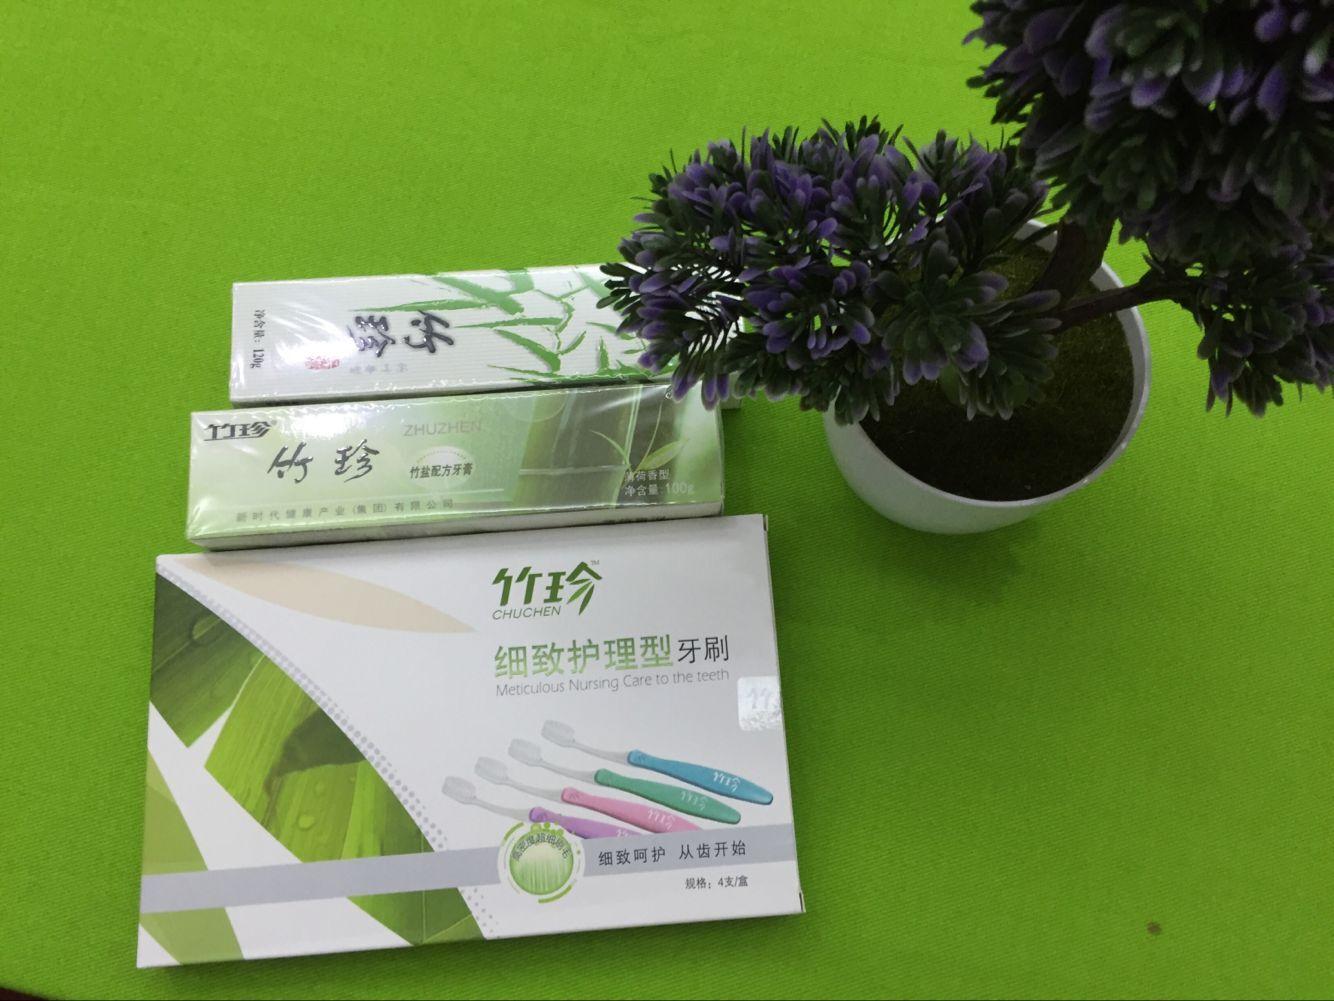 优惠的竹珍牙膏的功效,东莞哪里有卖出色的竹珍牙膏